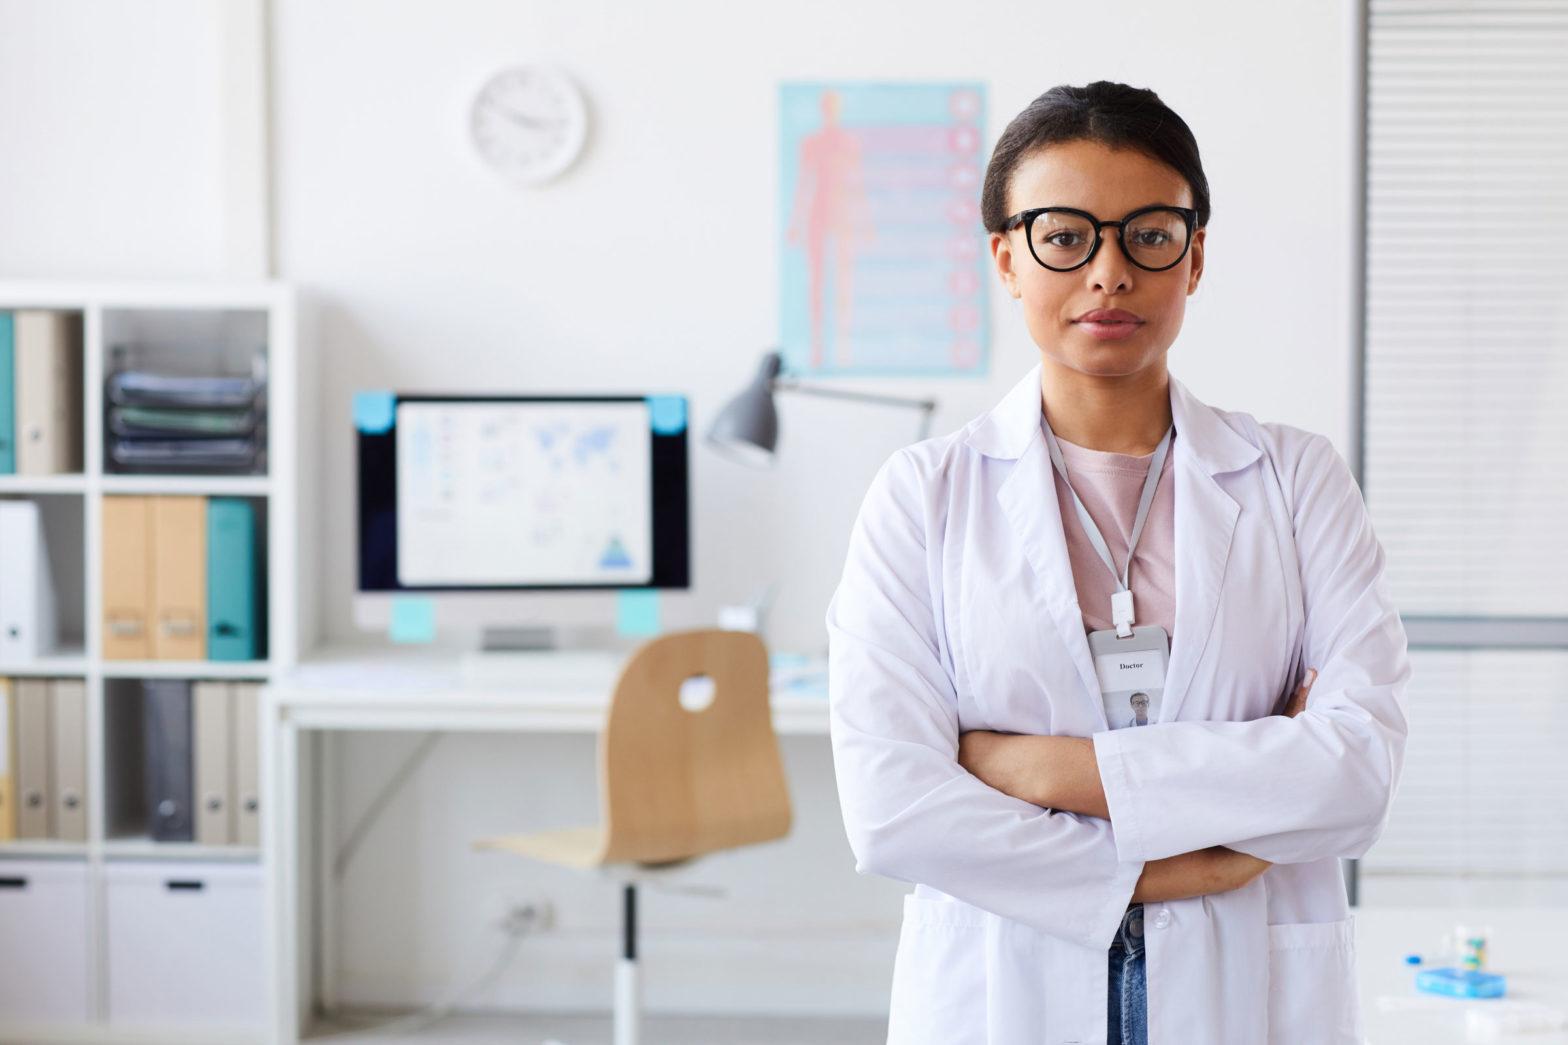 consultorio-virtual telemedicina dr tis